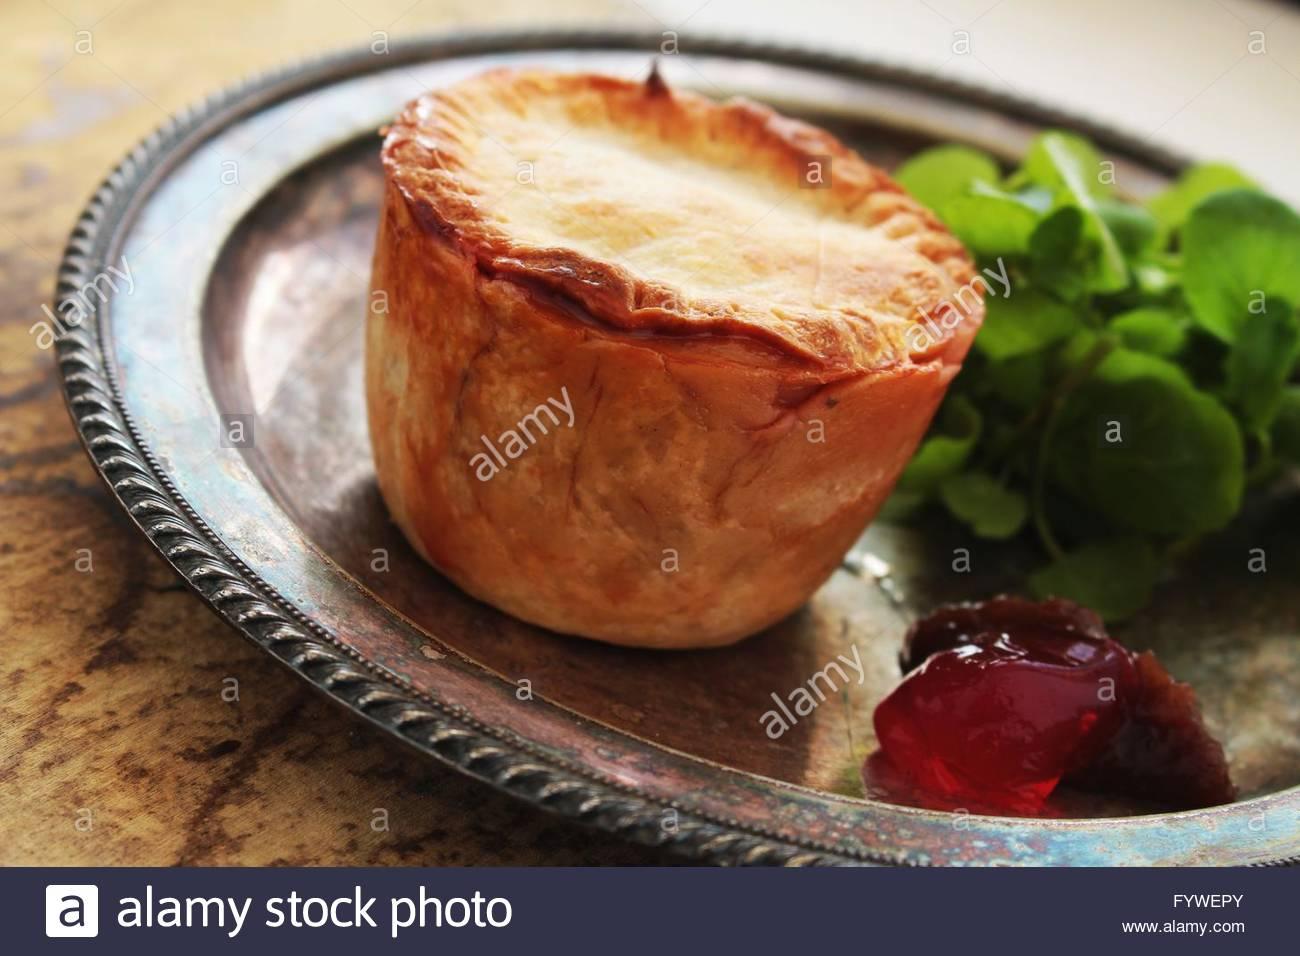 rhubarb pork pie - Stock Image